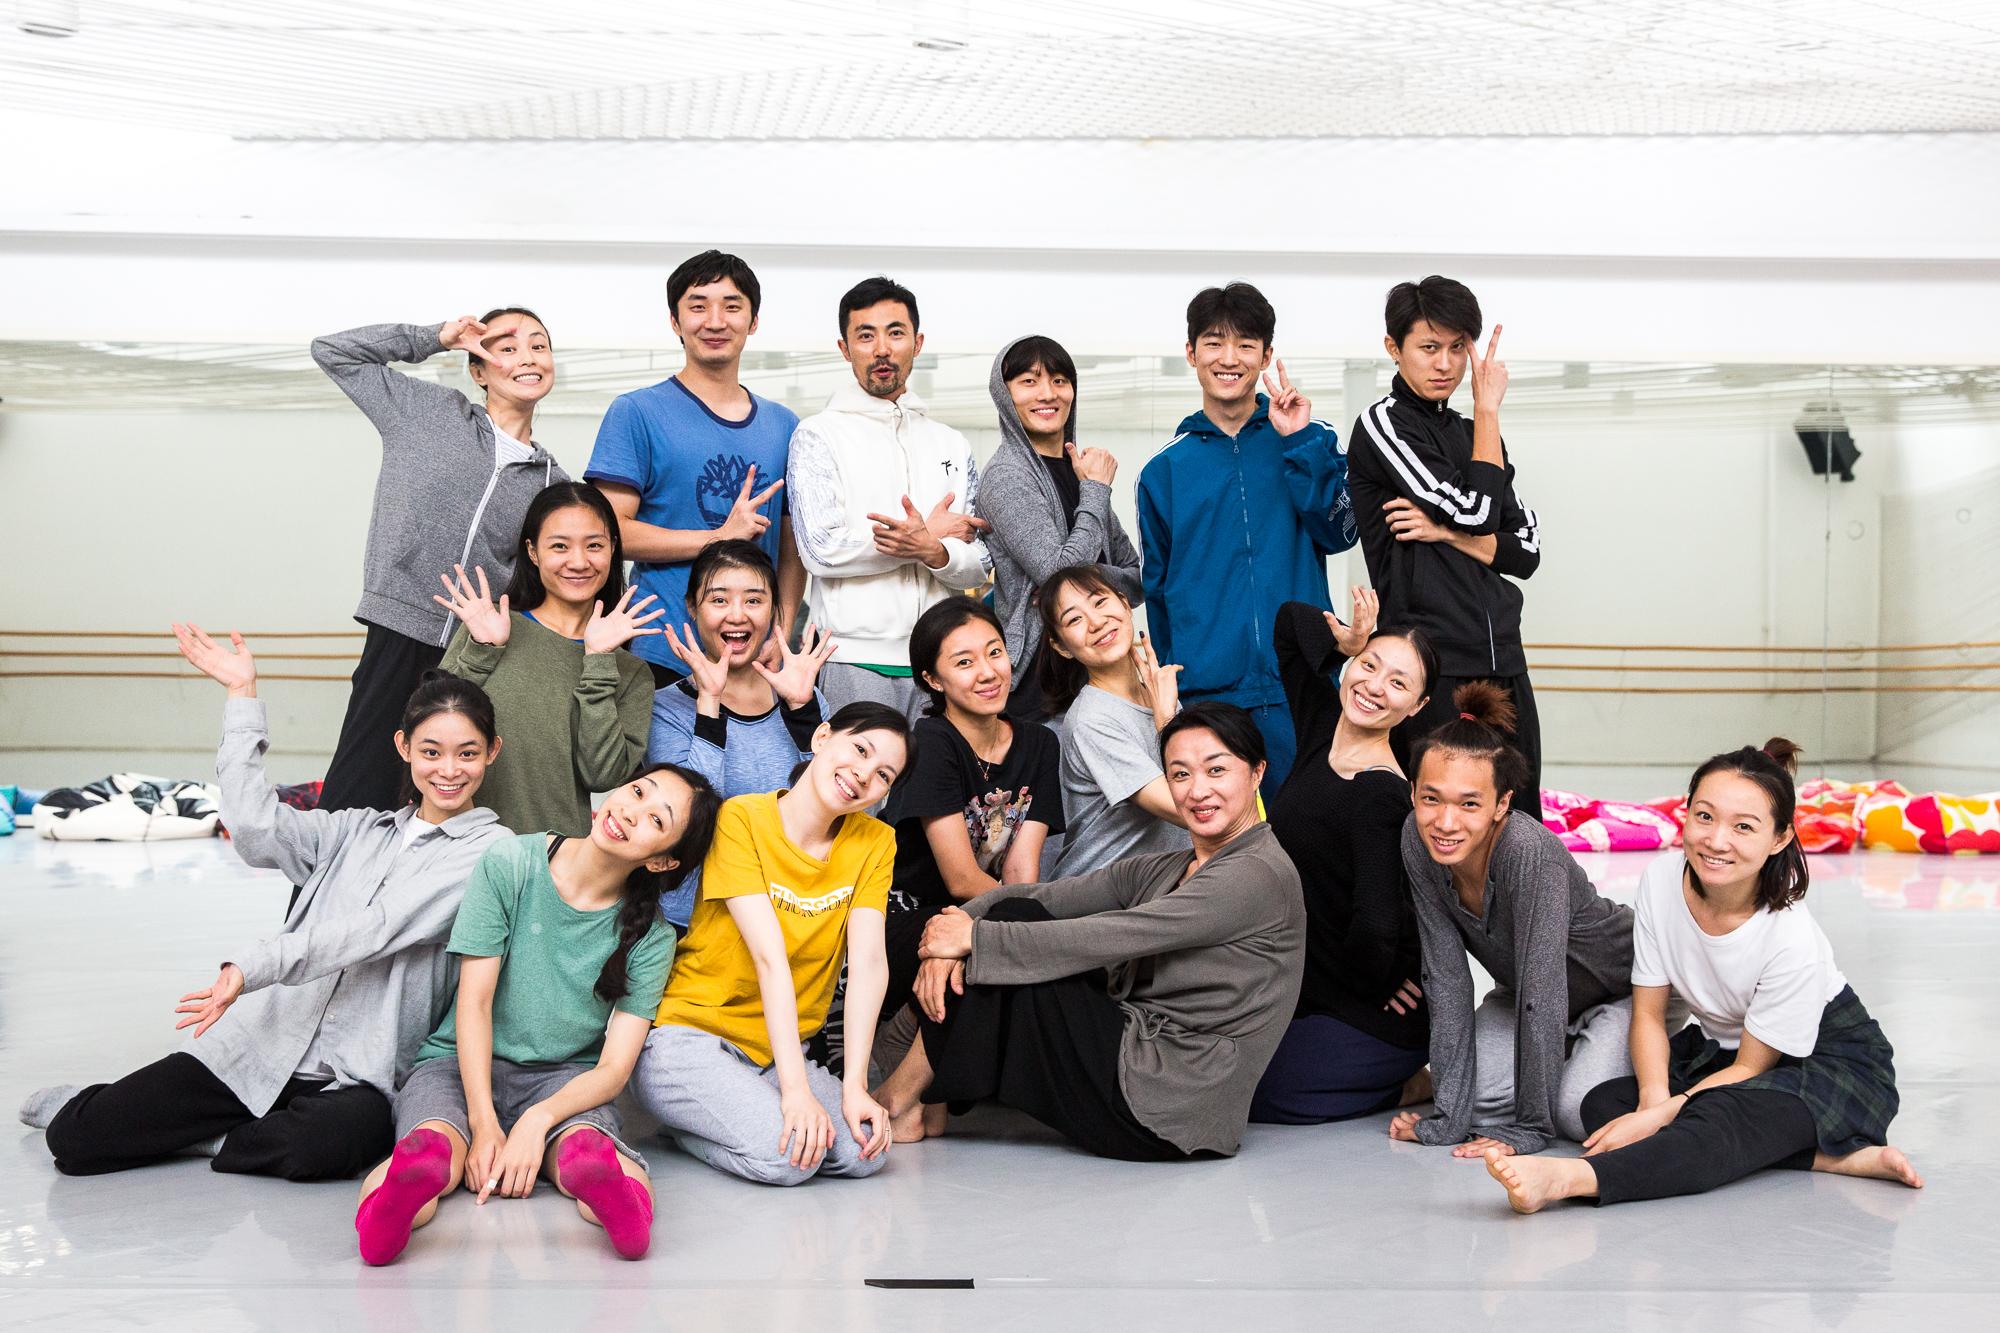 金星舞蹈团建团20周年,《舞@上海》特别演出将亮相